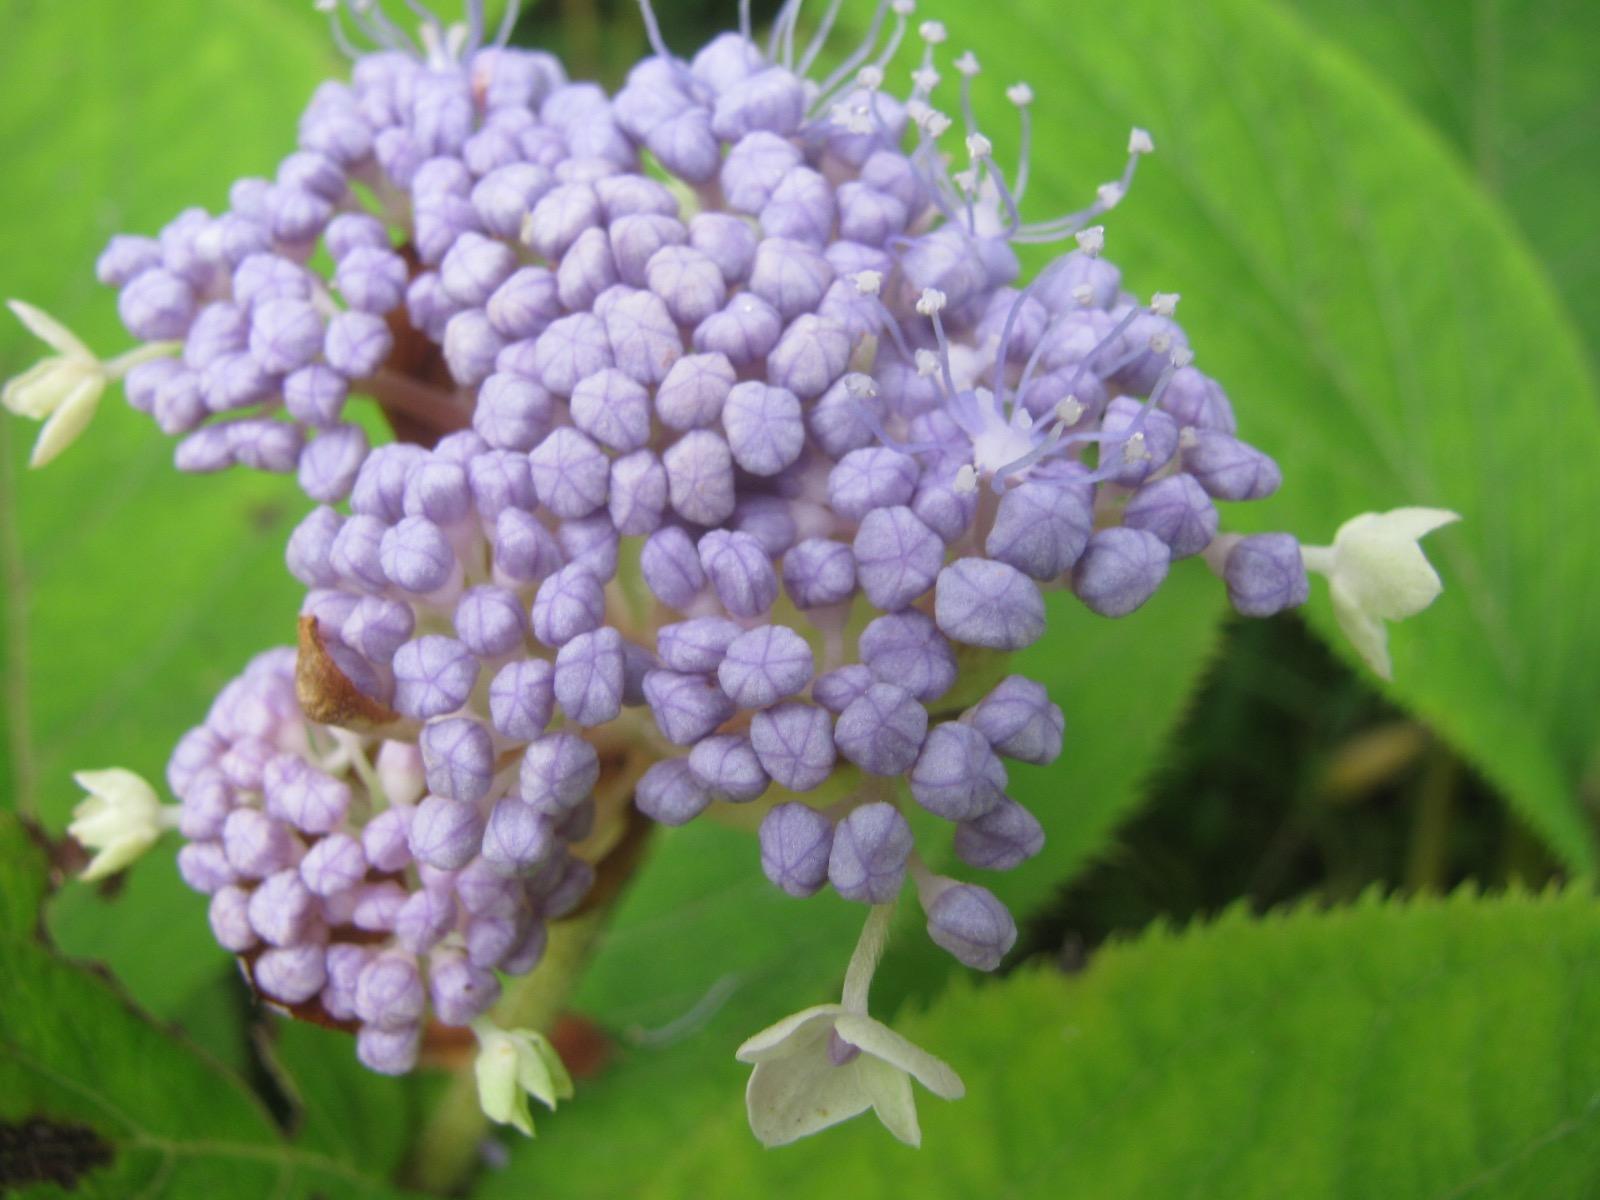 夏の紫陽花、玉紫陽花が咲き始めました